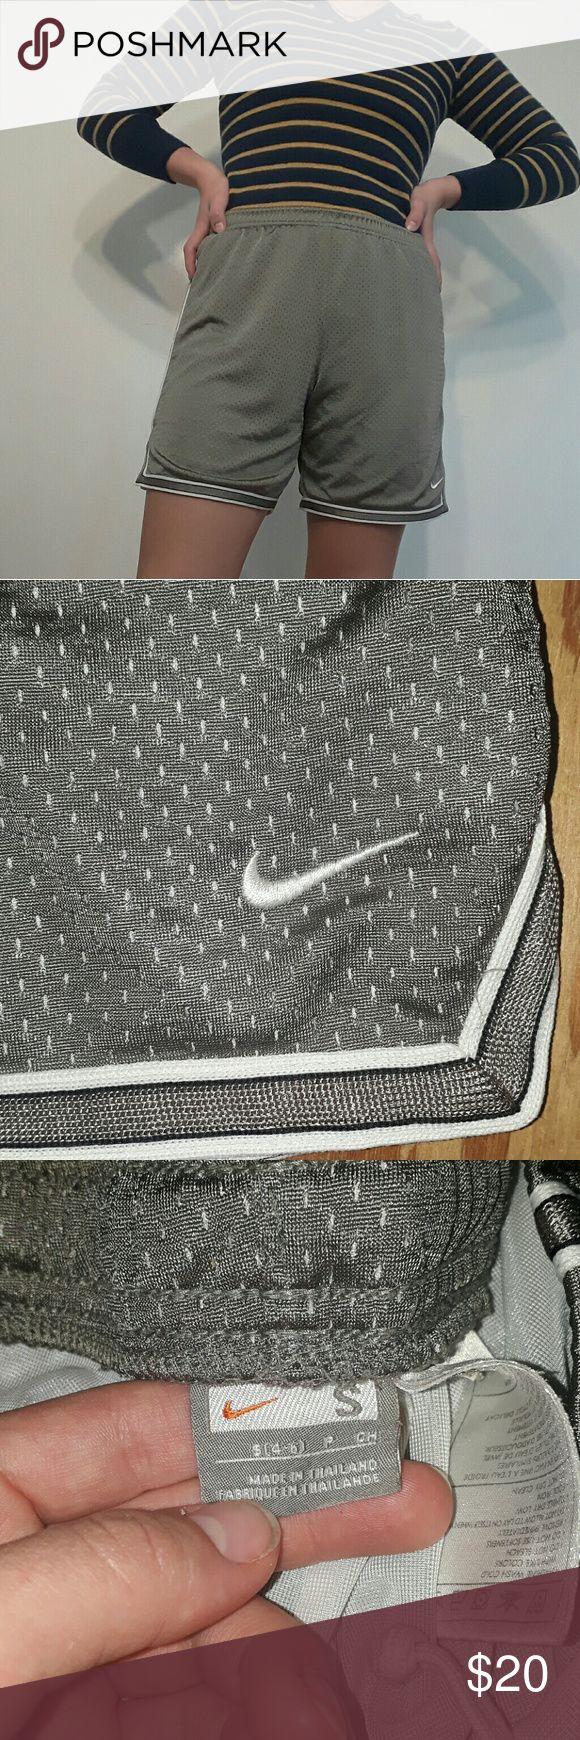 Nike Mesh-Basketballshorts – Wie neu, keine Abnutzungserscheinungen zu finden – Modell …   – My Posh Picks